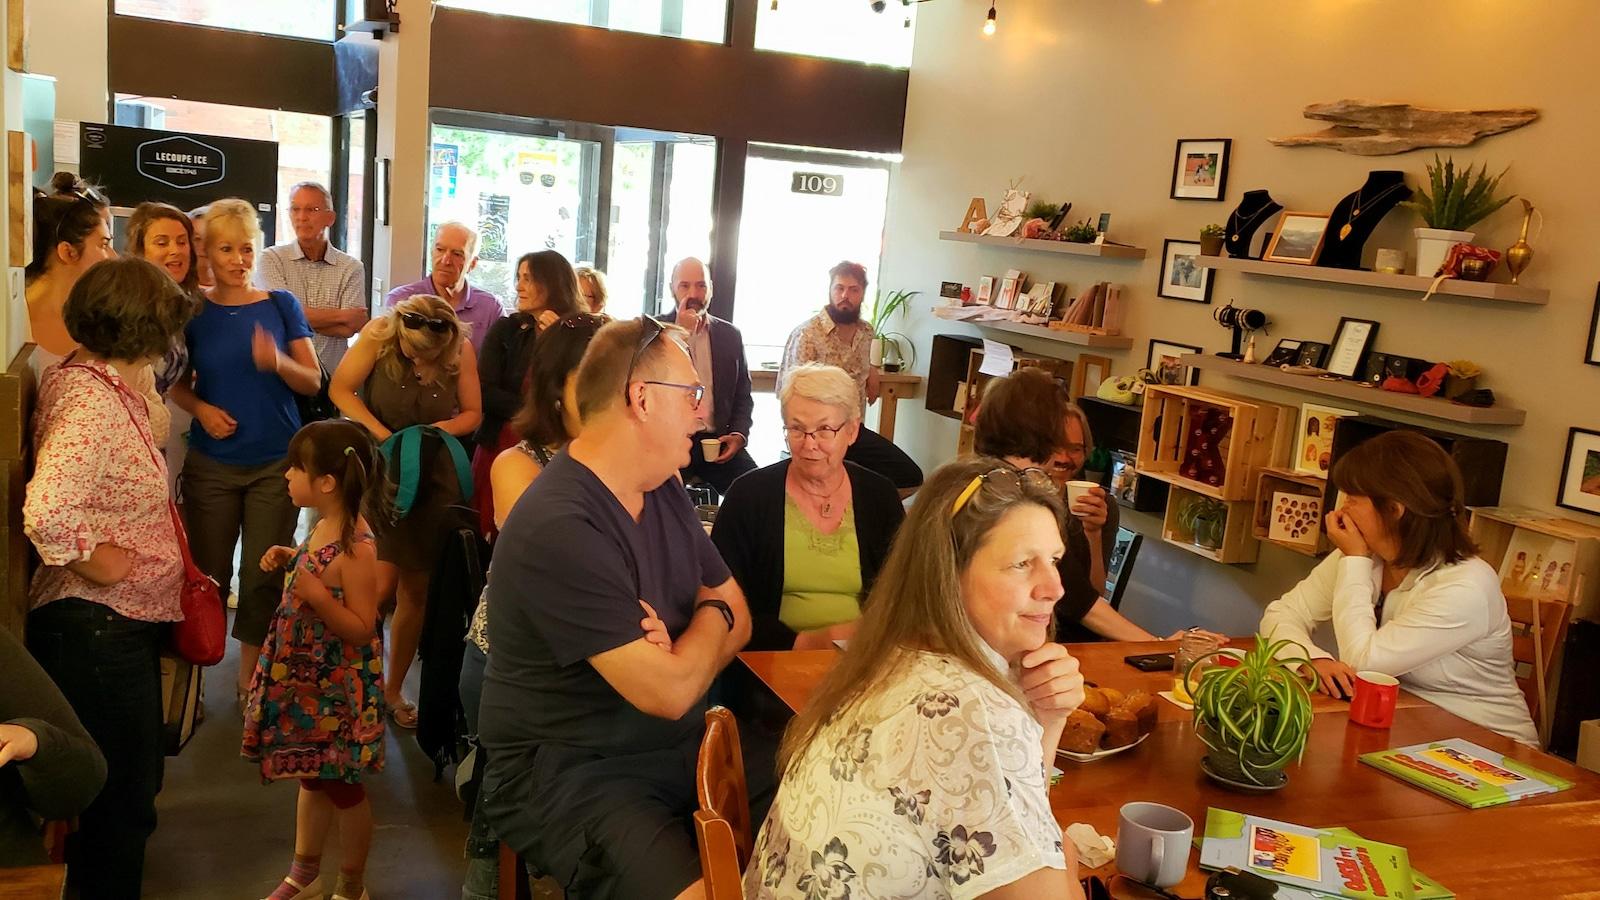 Des gens dans un café.